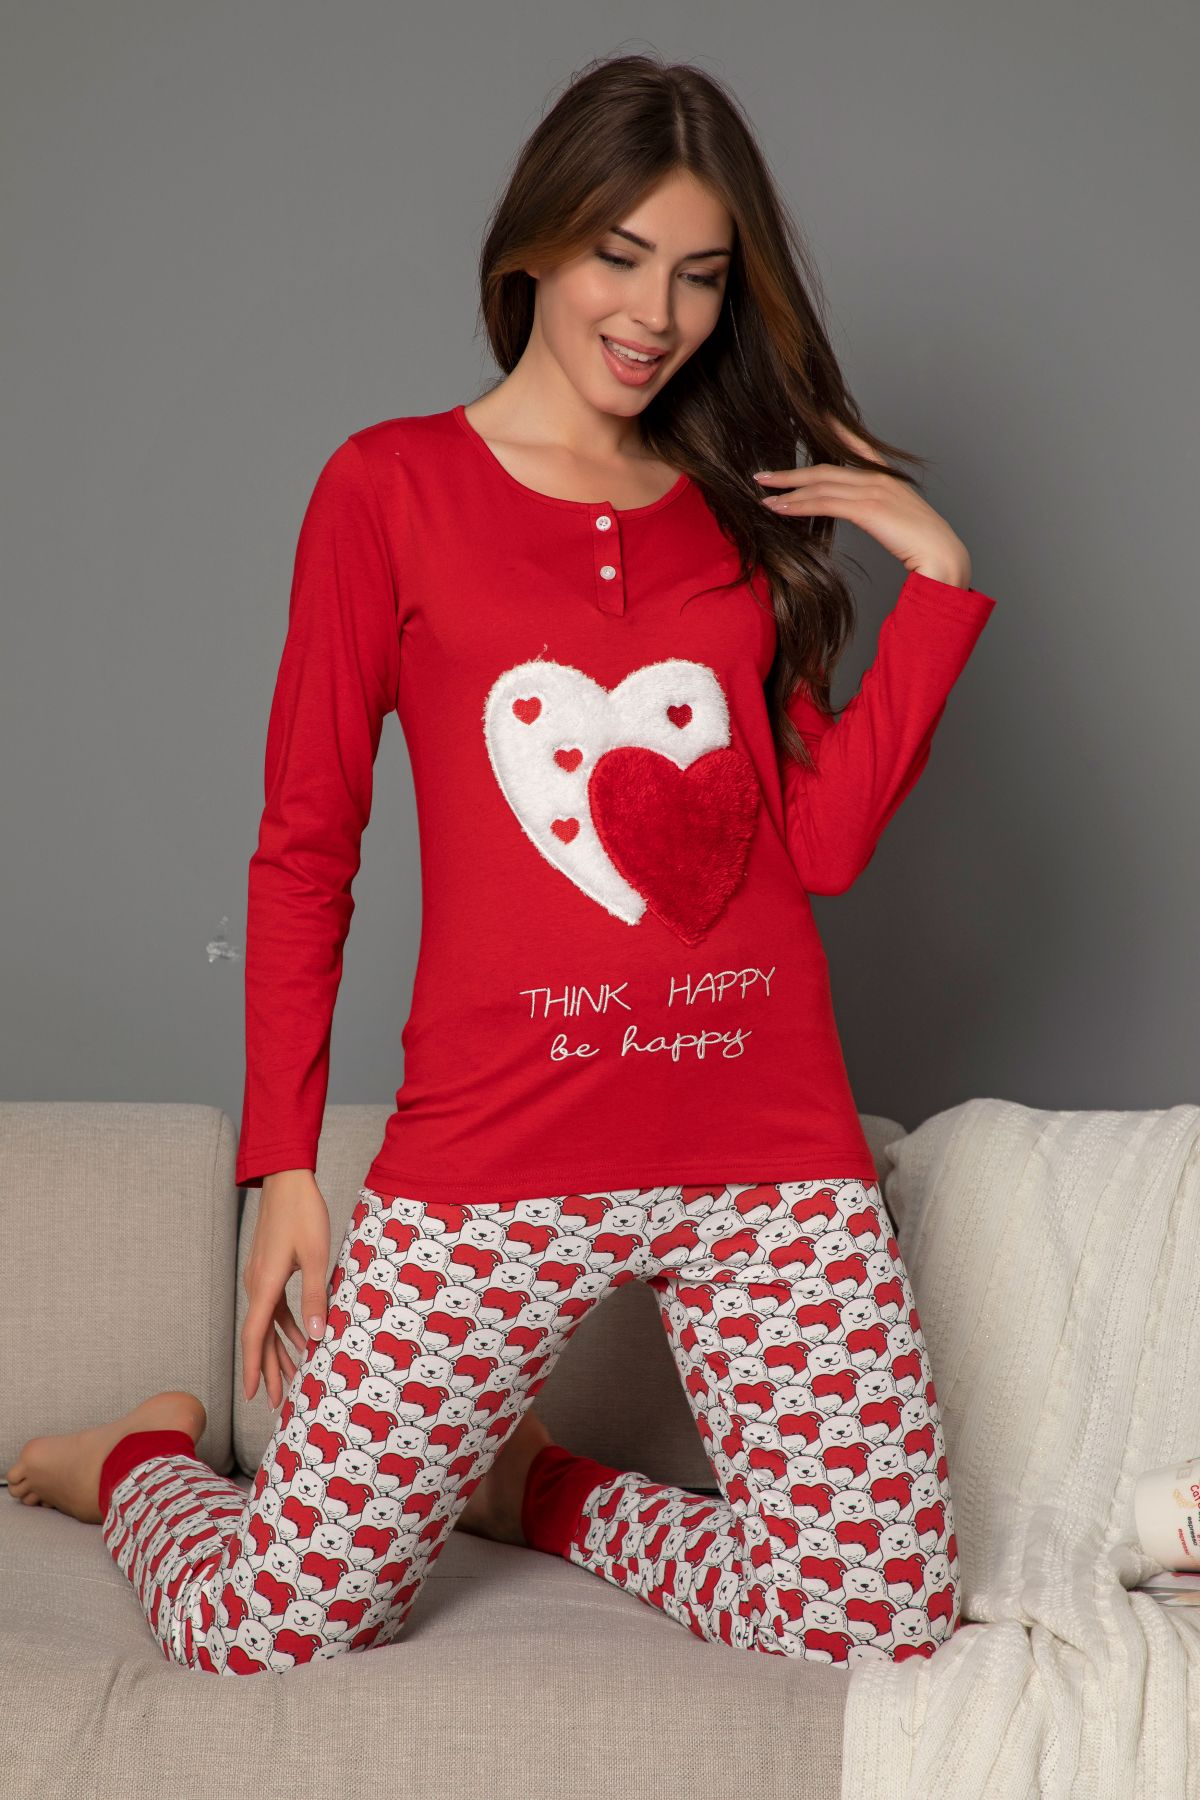 Kadın Pamuklu Likrali Düğmeli Nakışlı Pijama Takım